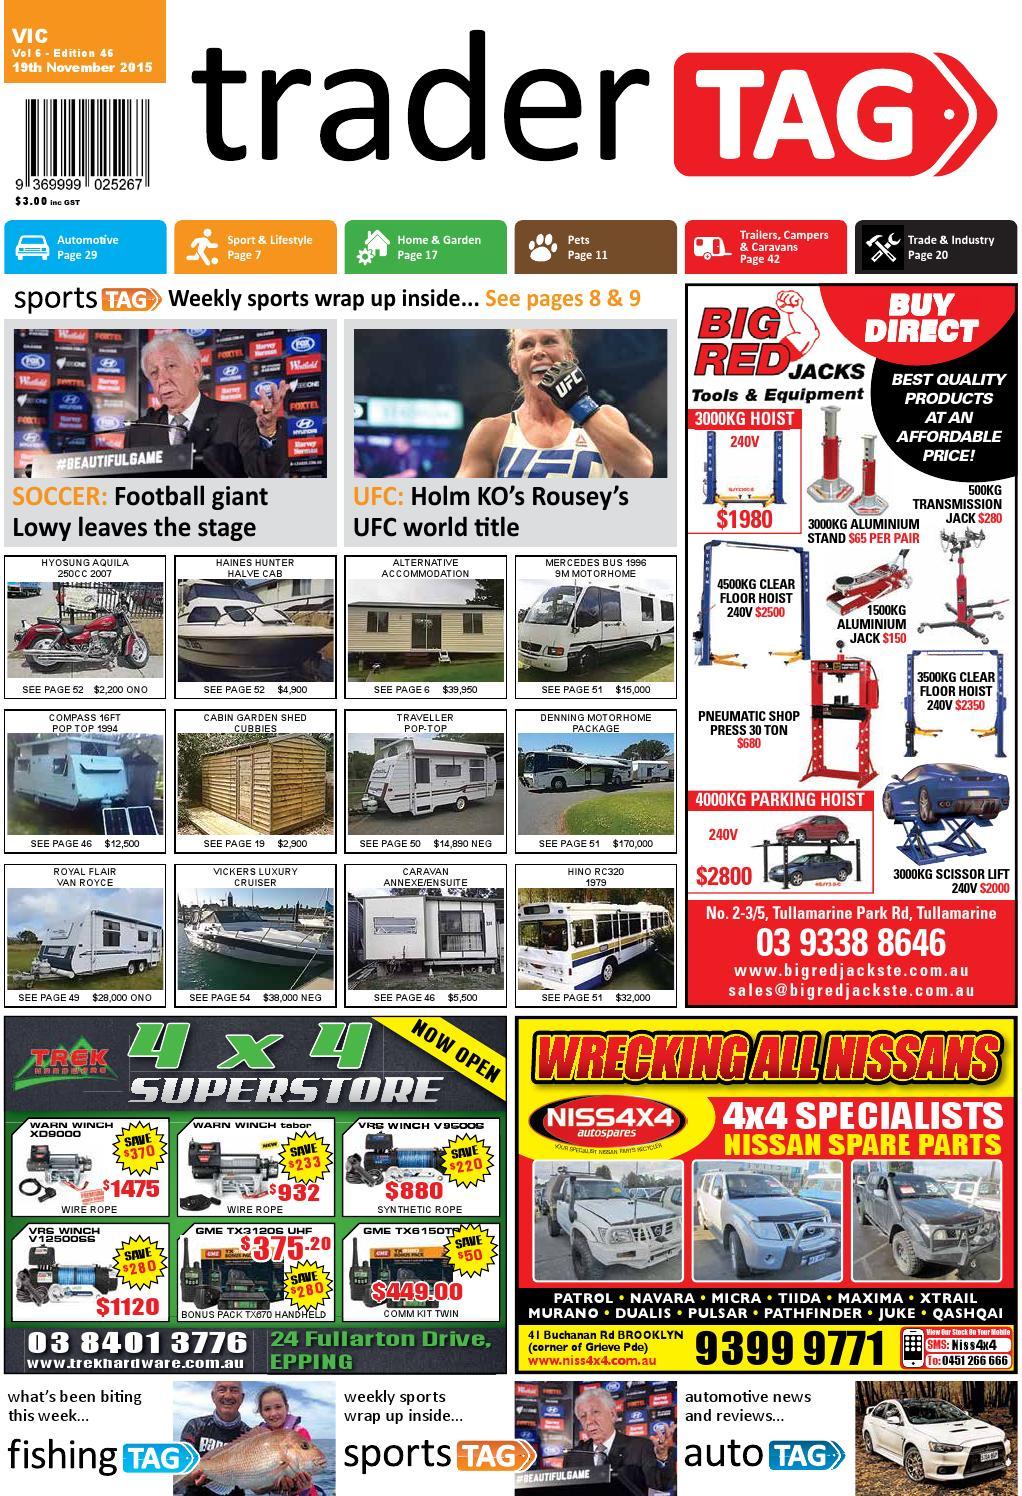 TraderTAG Victoria Edition 46 2015 by TraderTAG Design